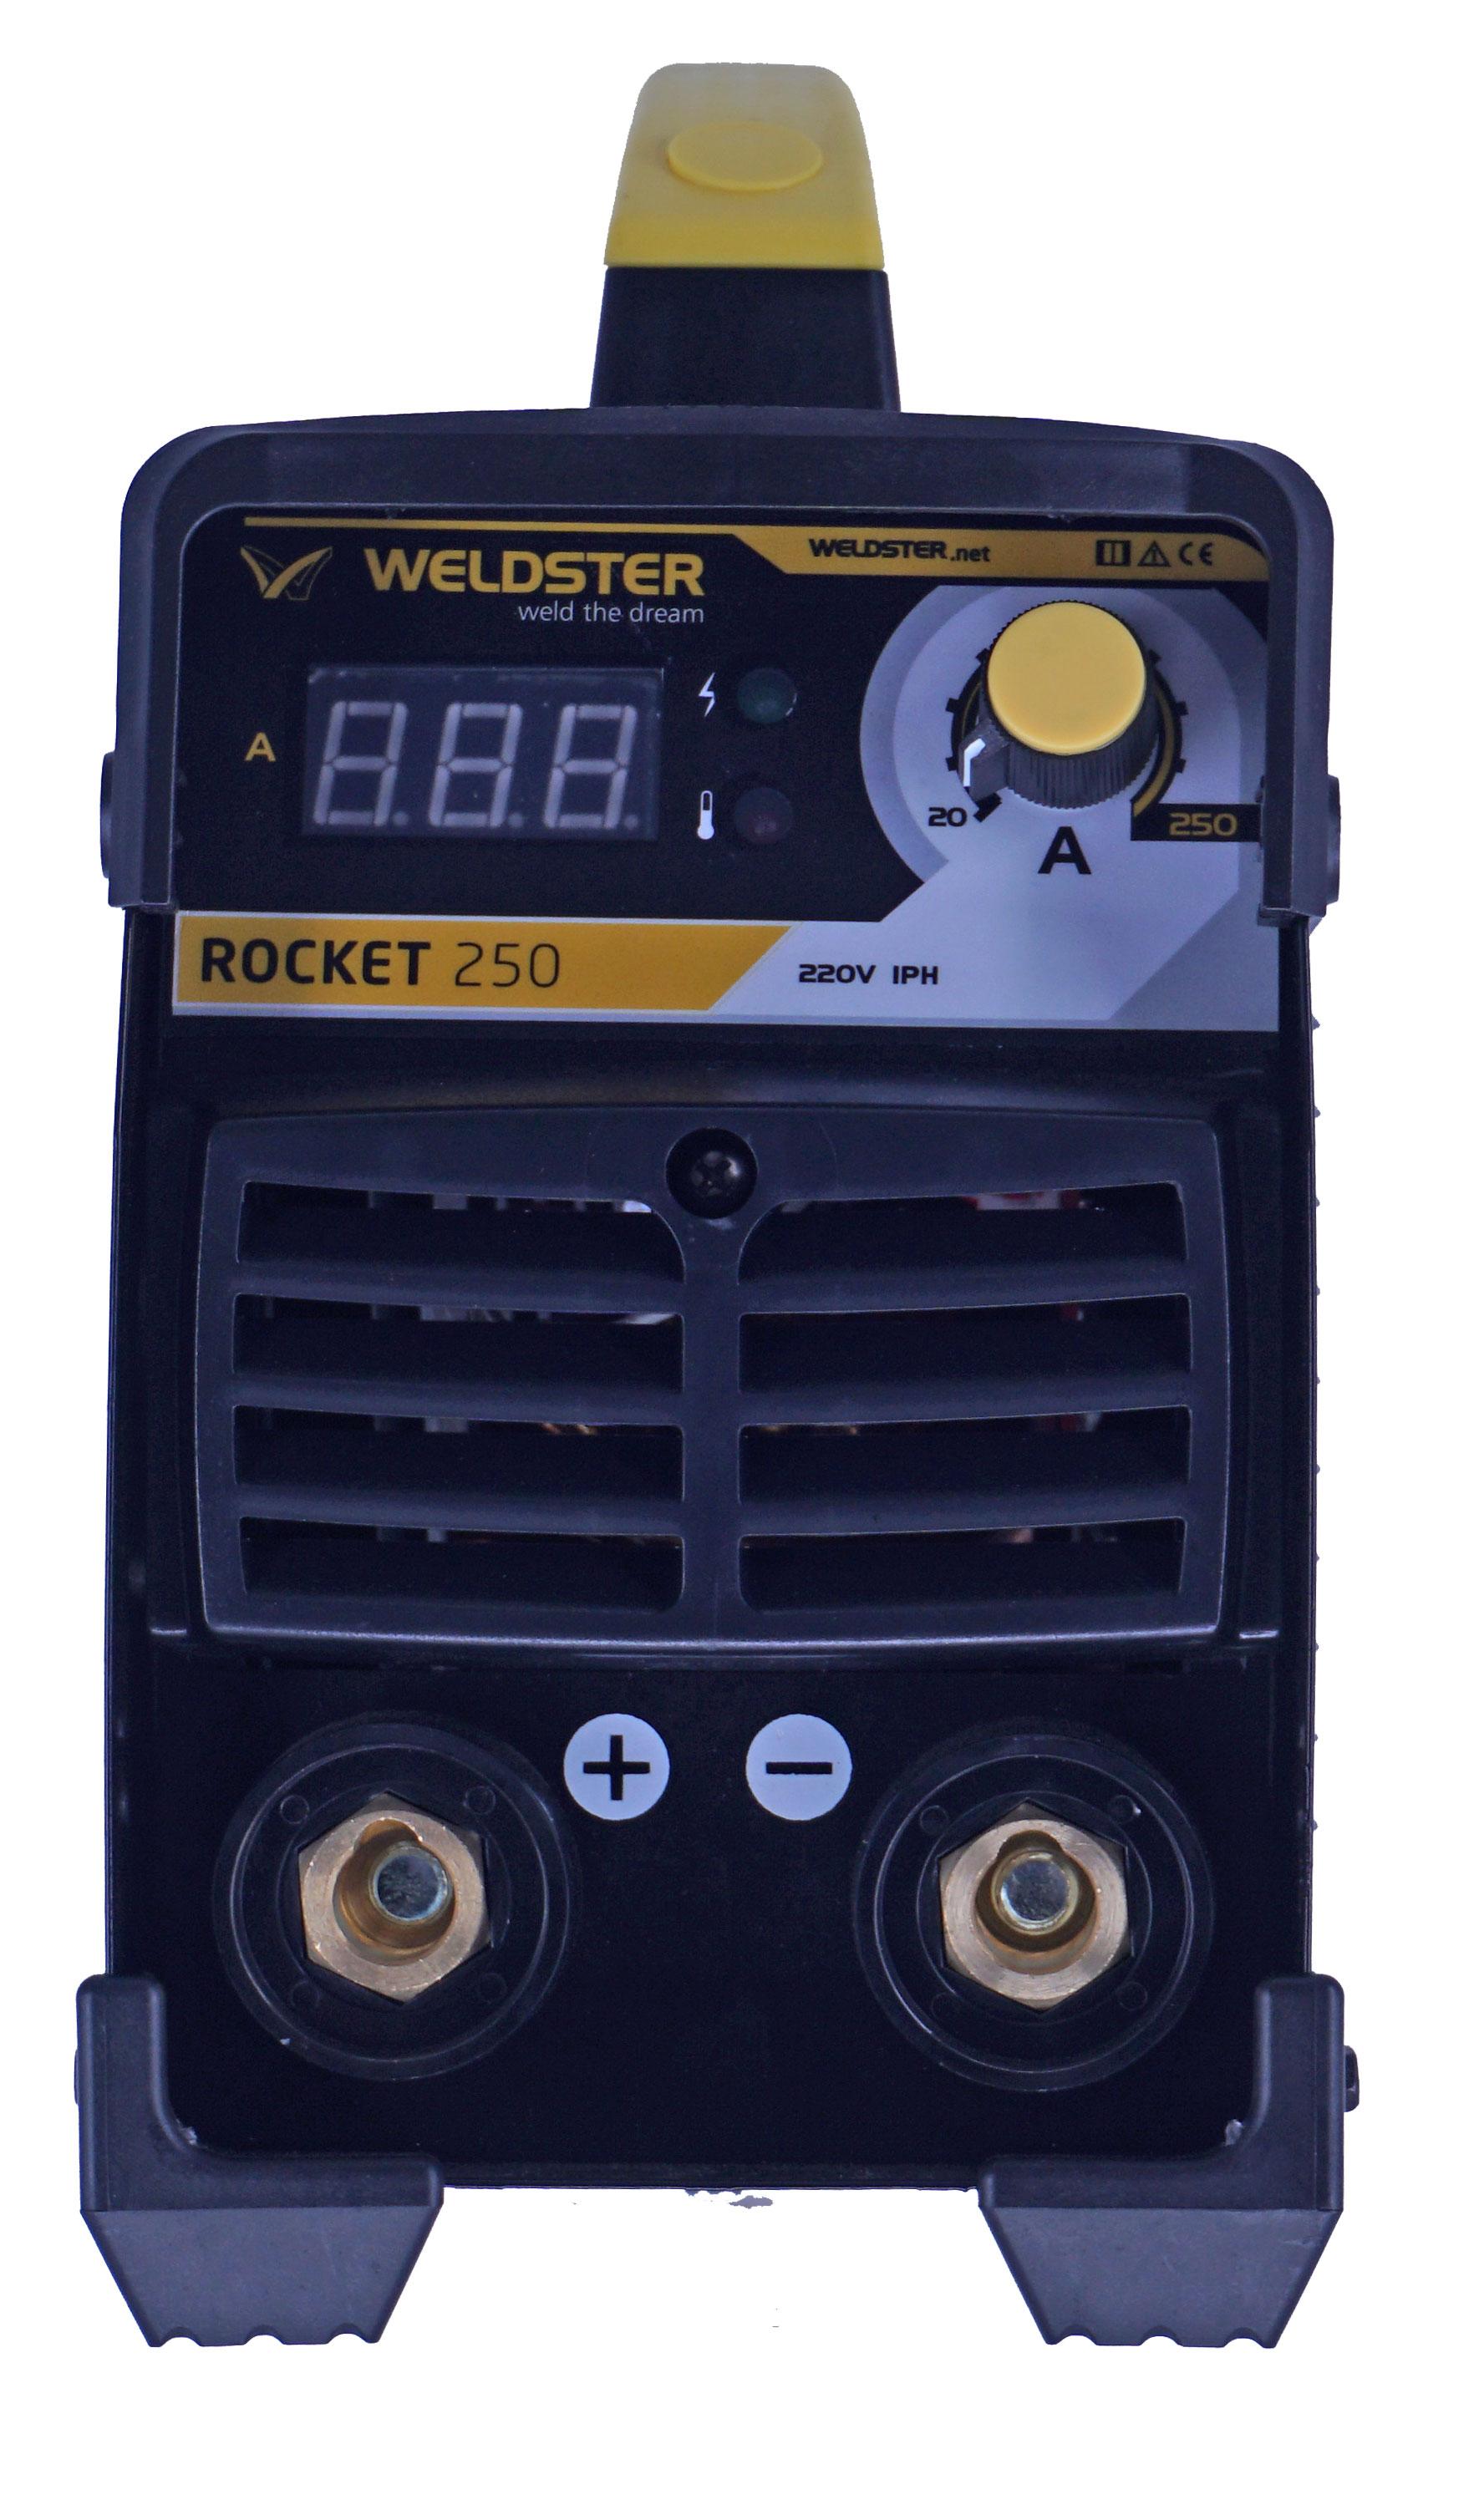 WELDSTER 200 - FRONT VIEW